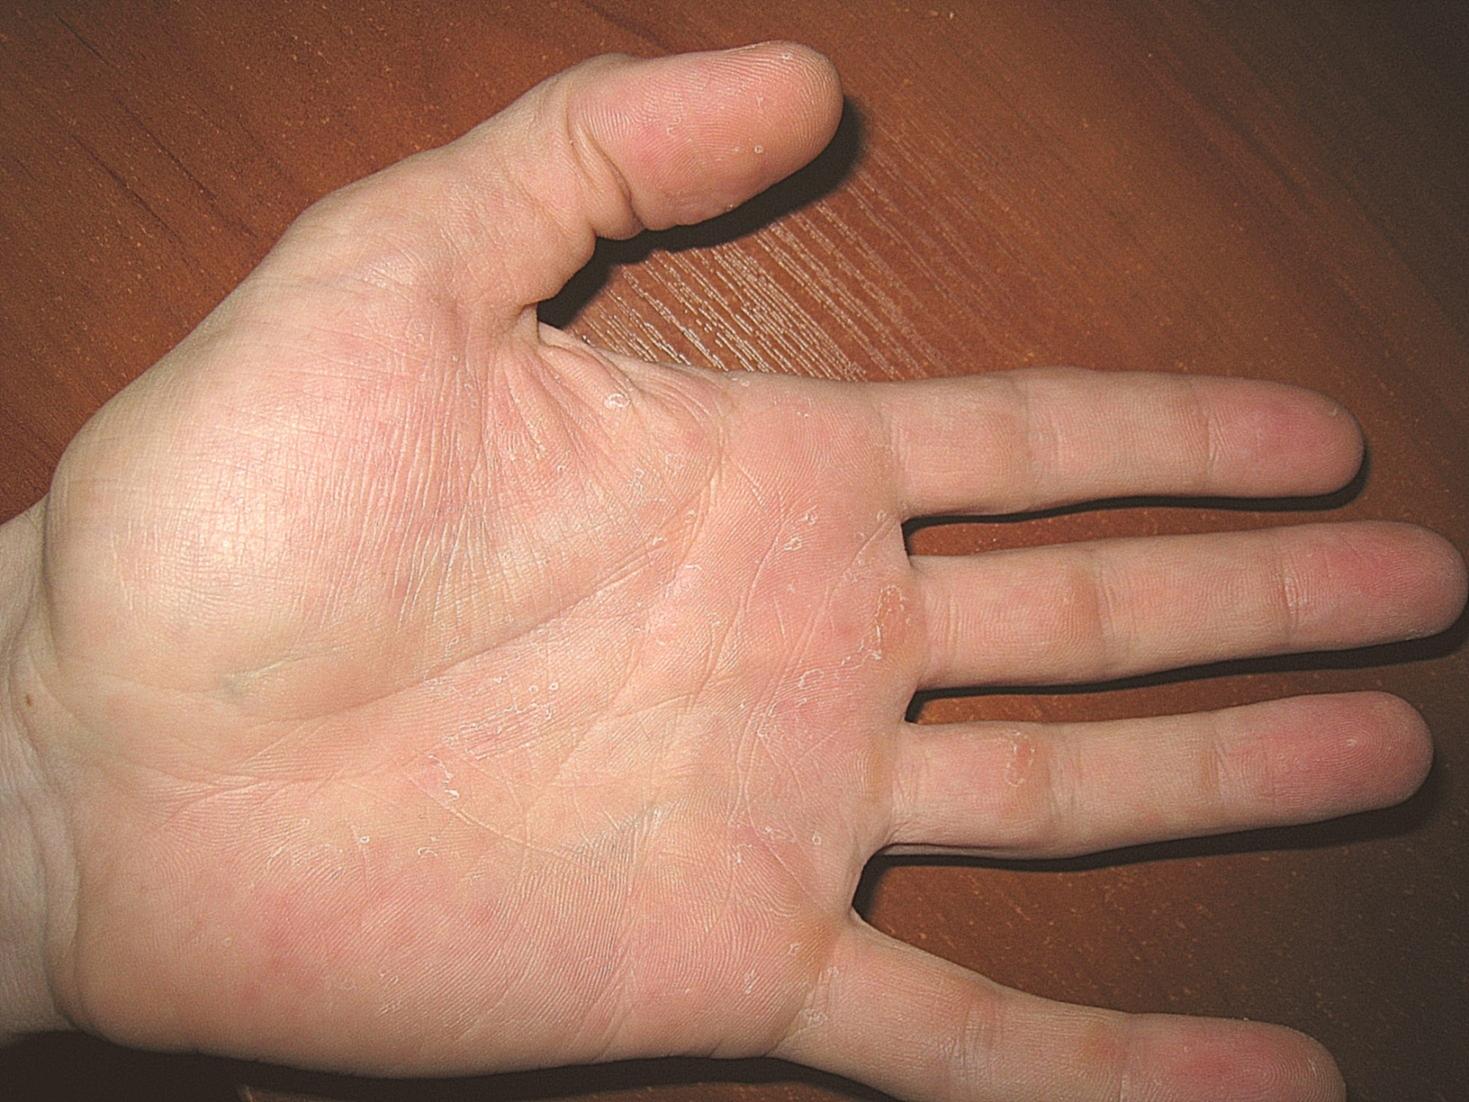 Как лечить палец на ноге от вросшего ногтя